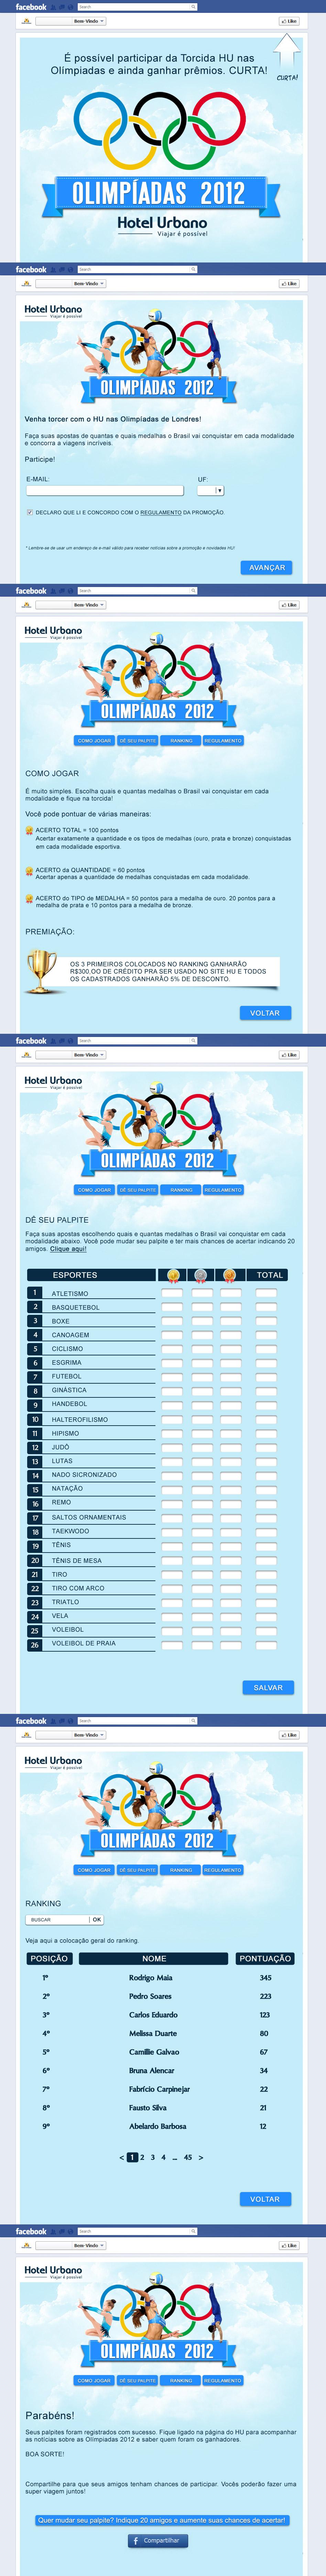 Criação Jogo Hotel Urbano Facebook Olimpíadas 2012!